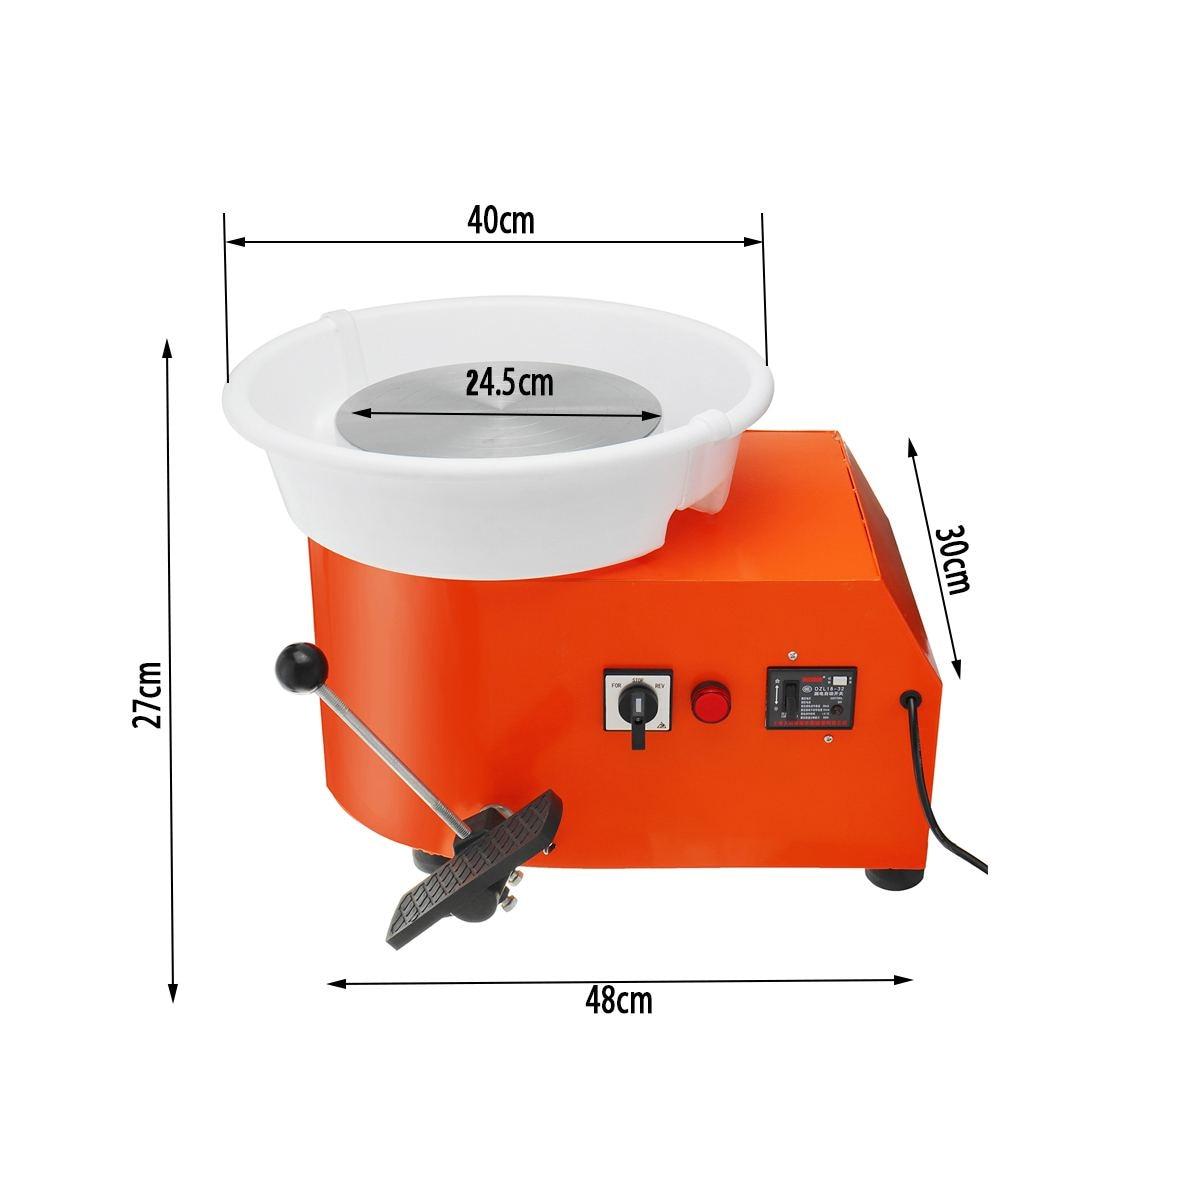 110/220 V 350 W poterie roue détachable Machine en céramique travail argile artisanat Art pied pédale US/AU/EU Plug Flexible détachable lisse - 3